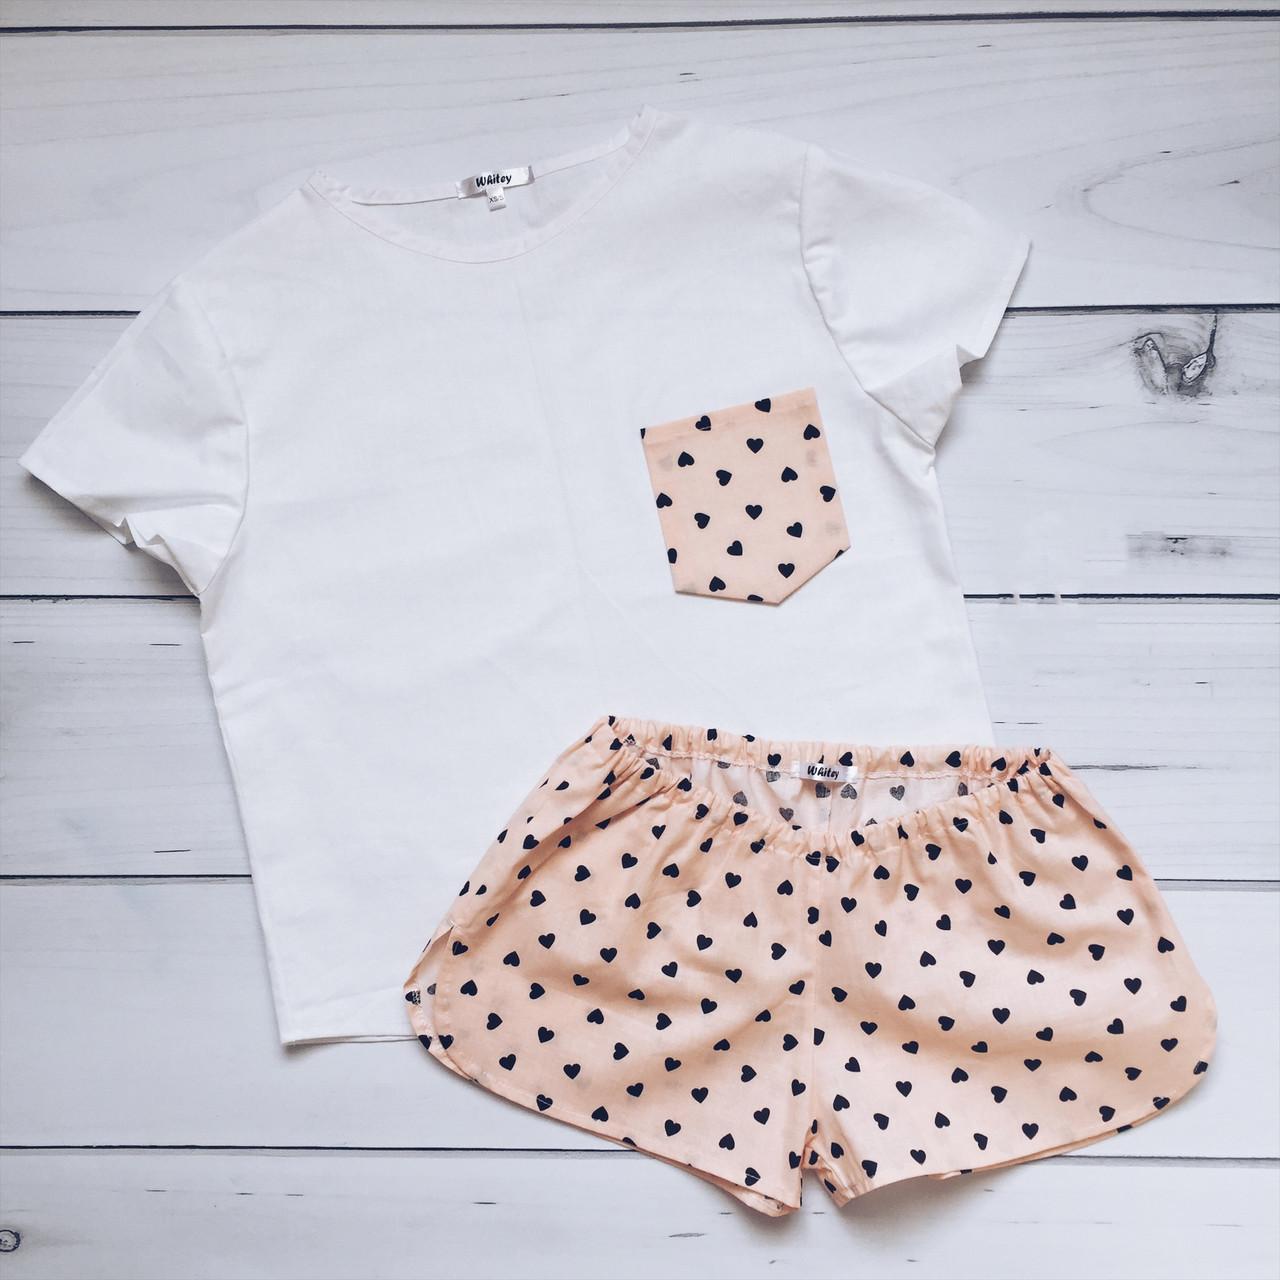 Пижама женская (Сердца) 100% хлопок